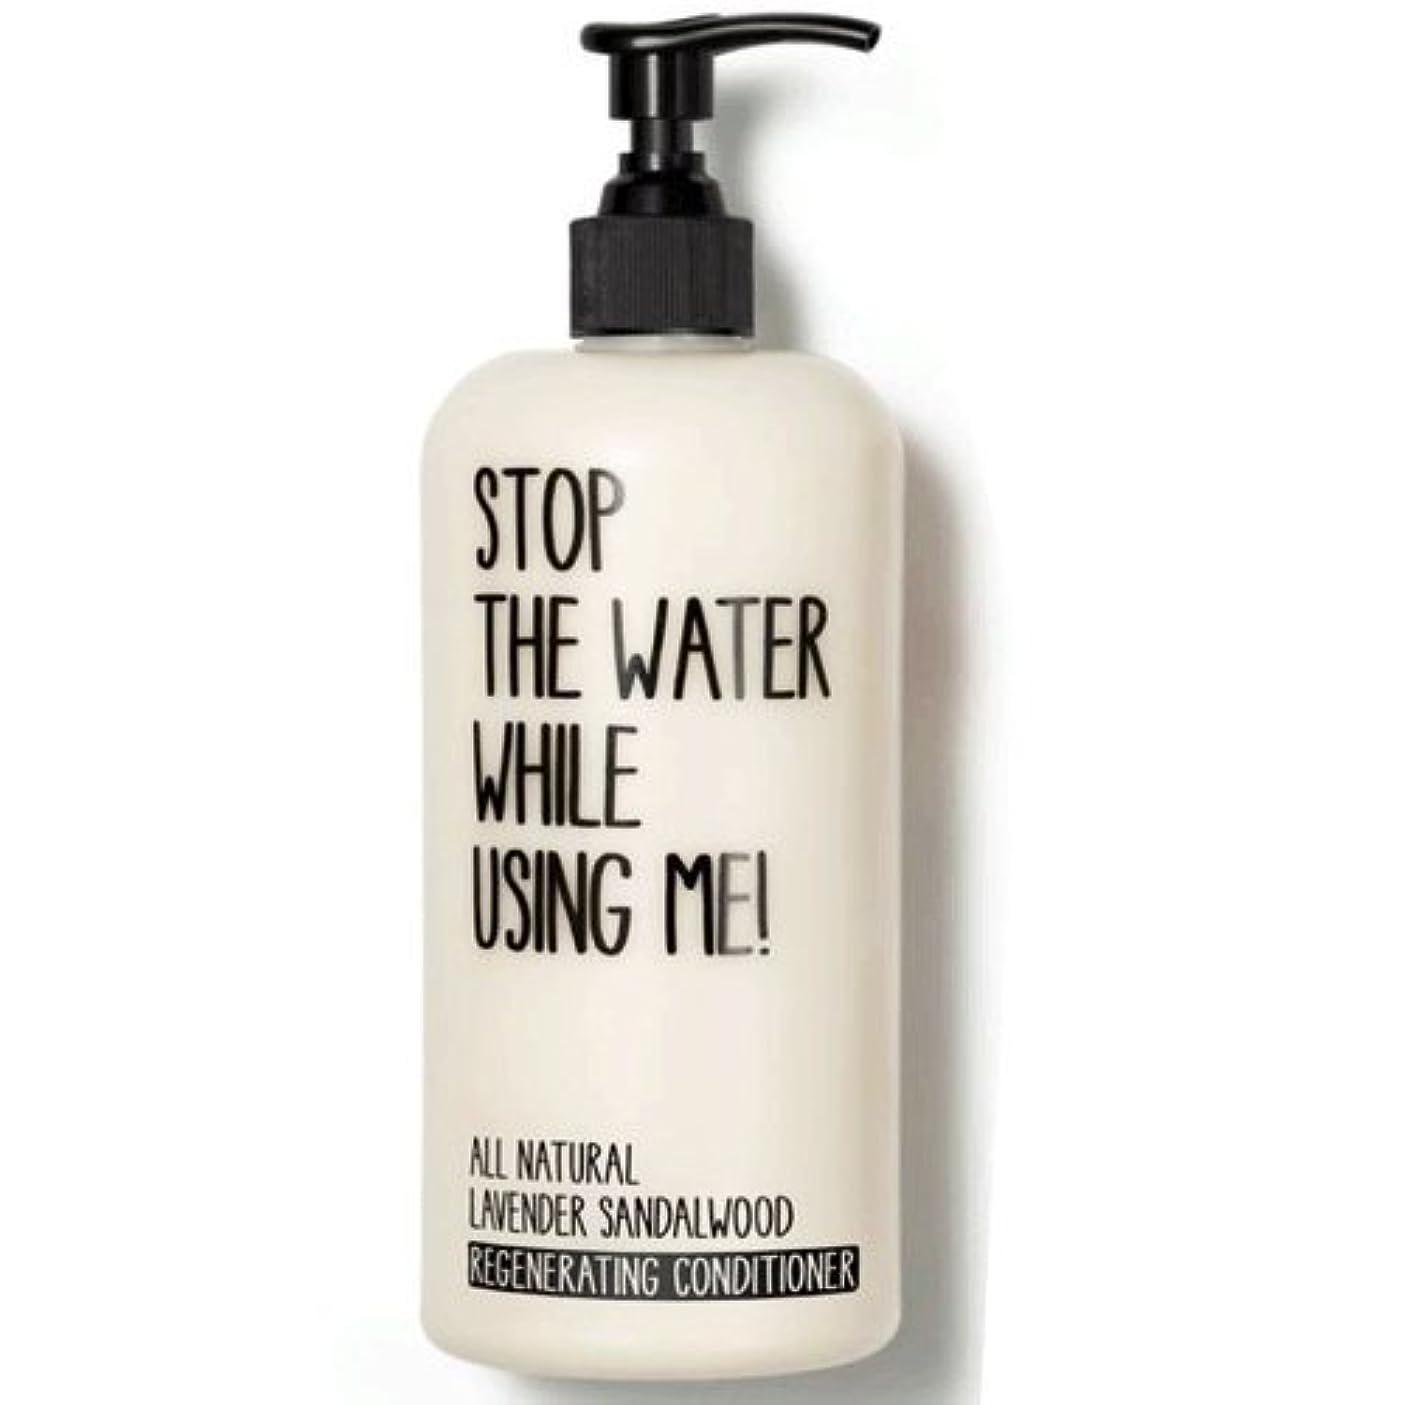 ヒステリックそれポーチ【STOP THE WATER WHILE USING ME!】L&Sコンディショナー (ラベンダー&サンダルウッド) 500ml [並行輸入品]